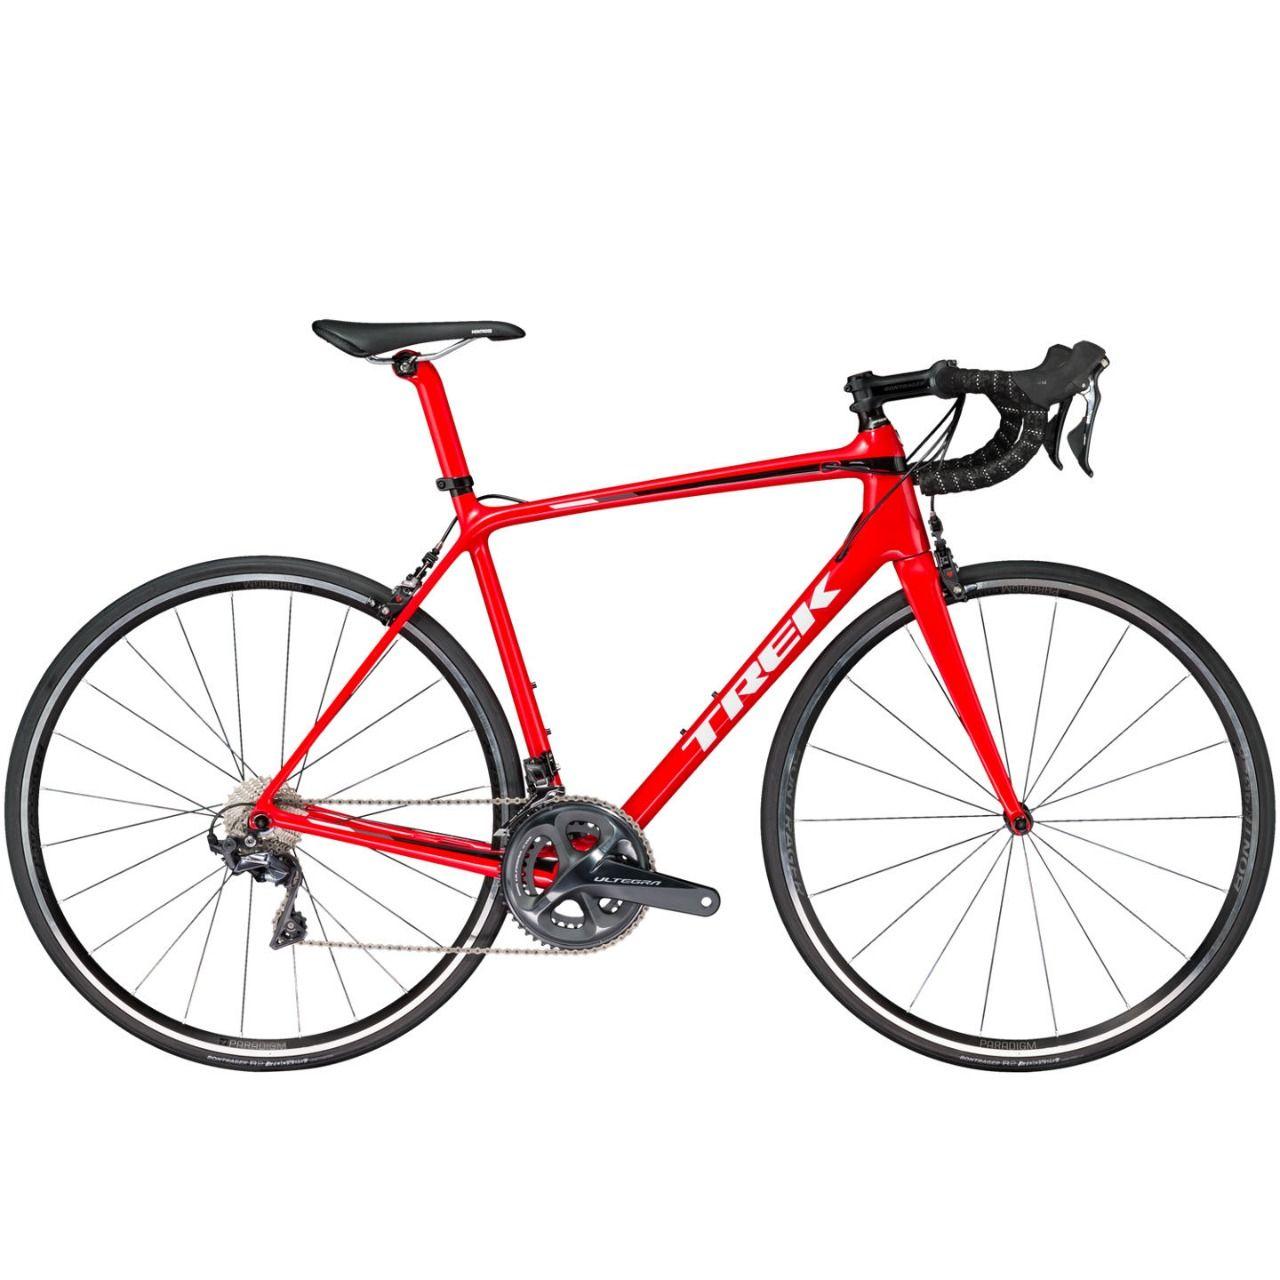 Bicicleta Trek Emonda SL 6 - 2018 - R$ 18.750,00